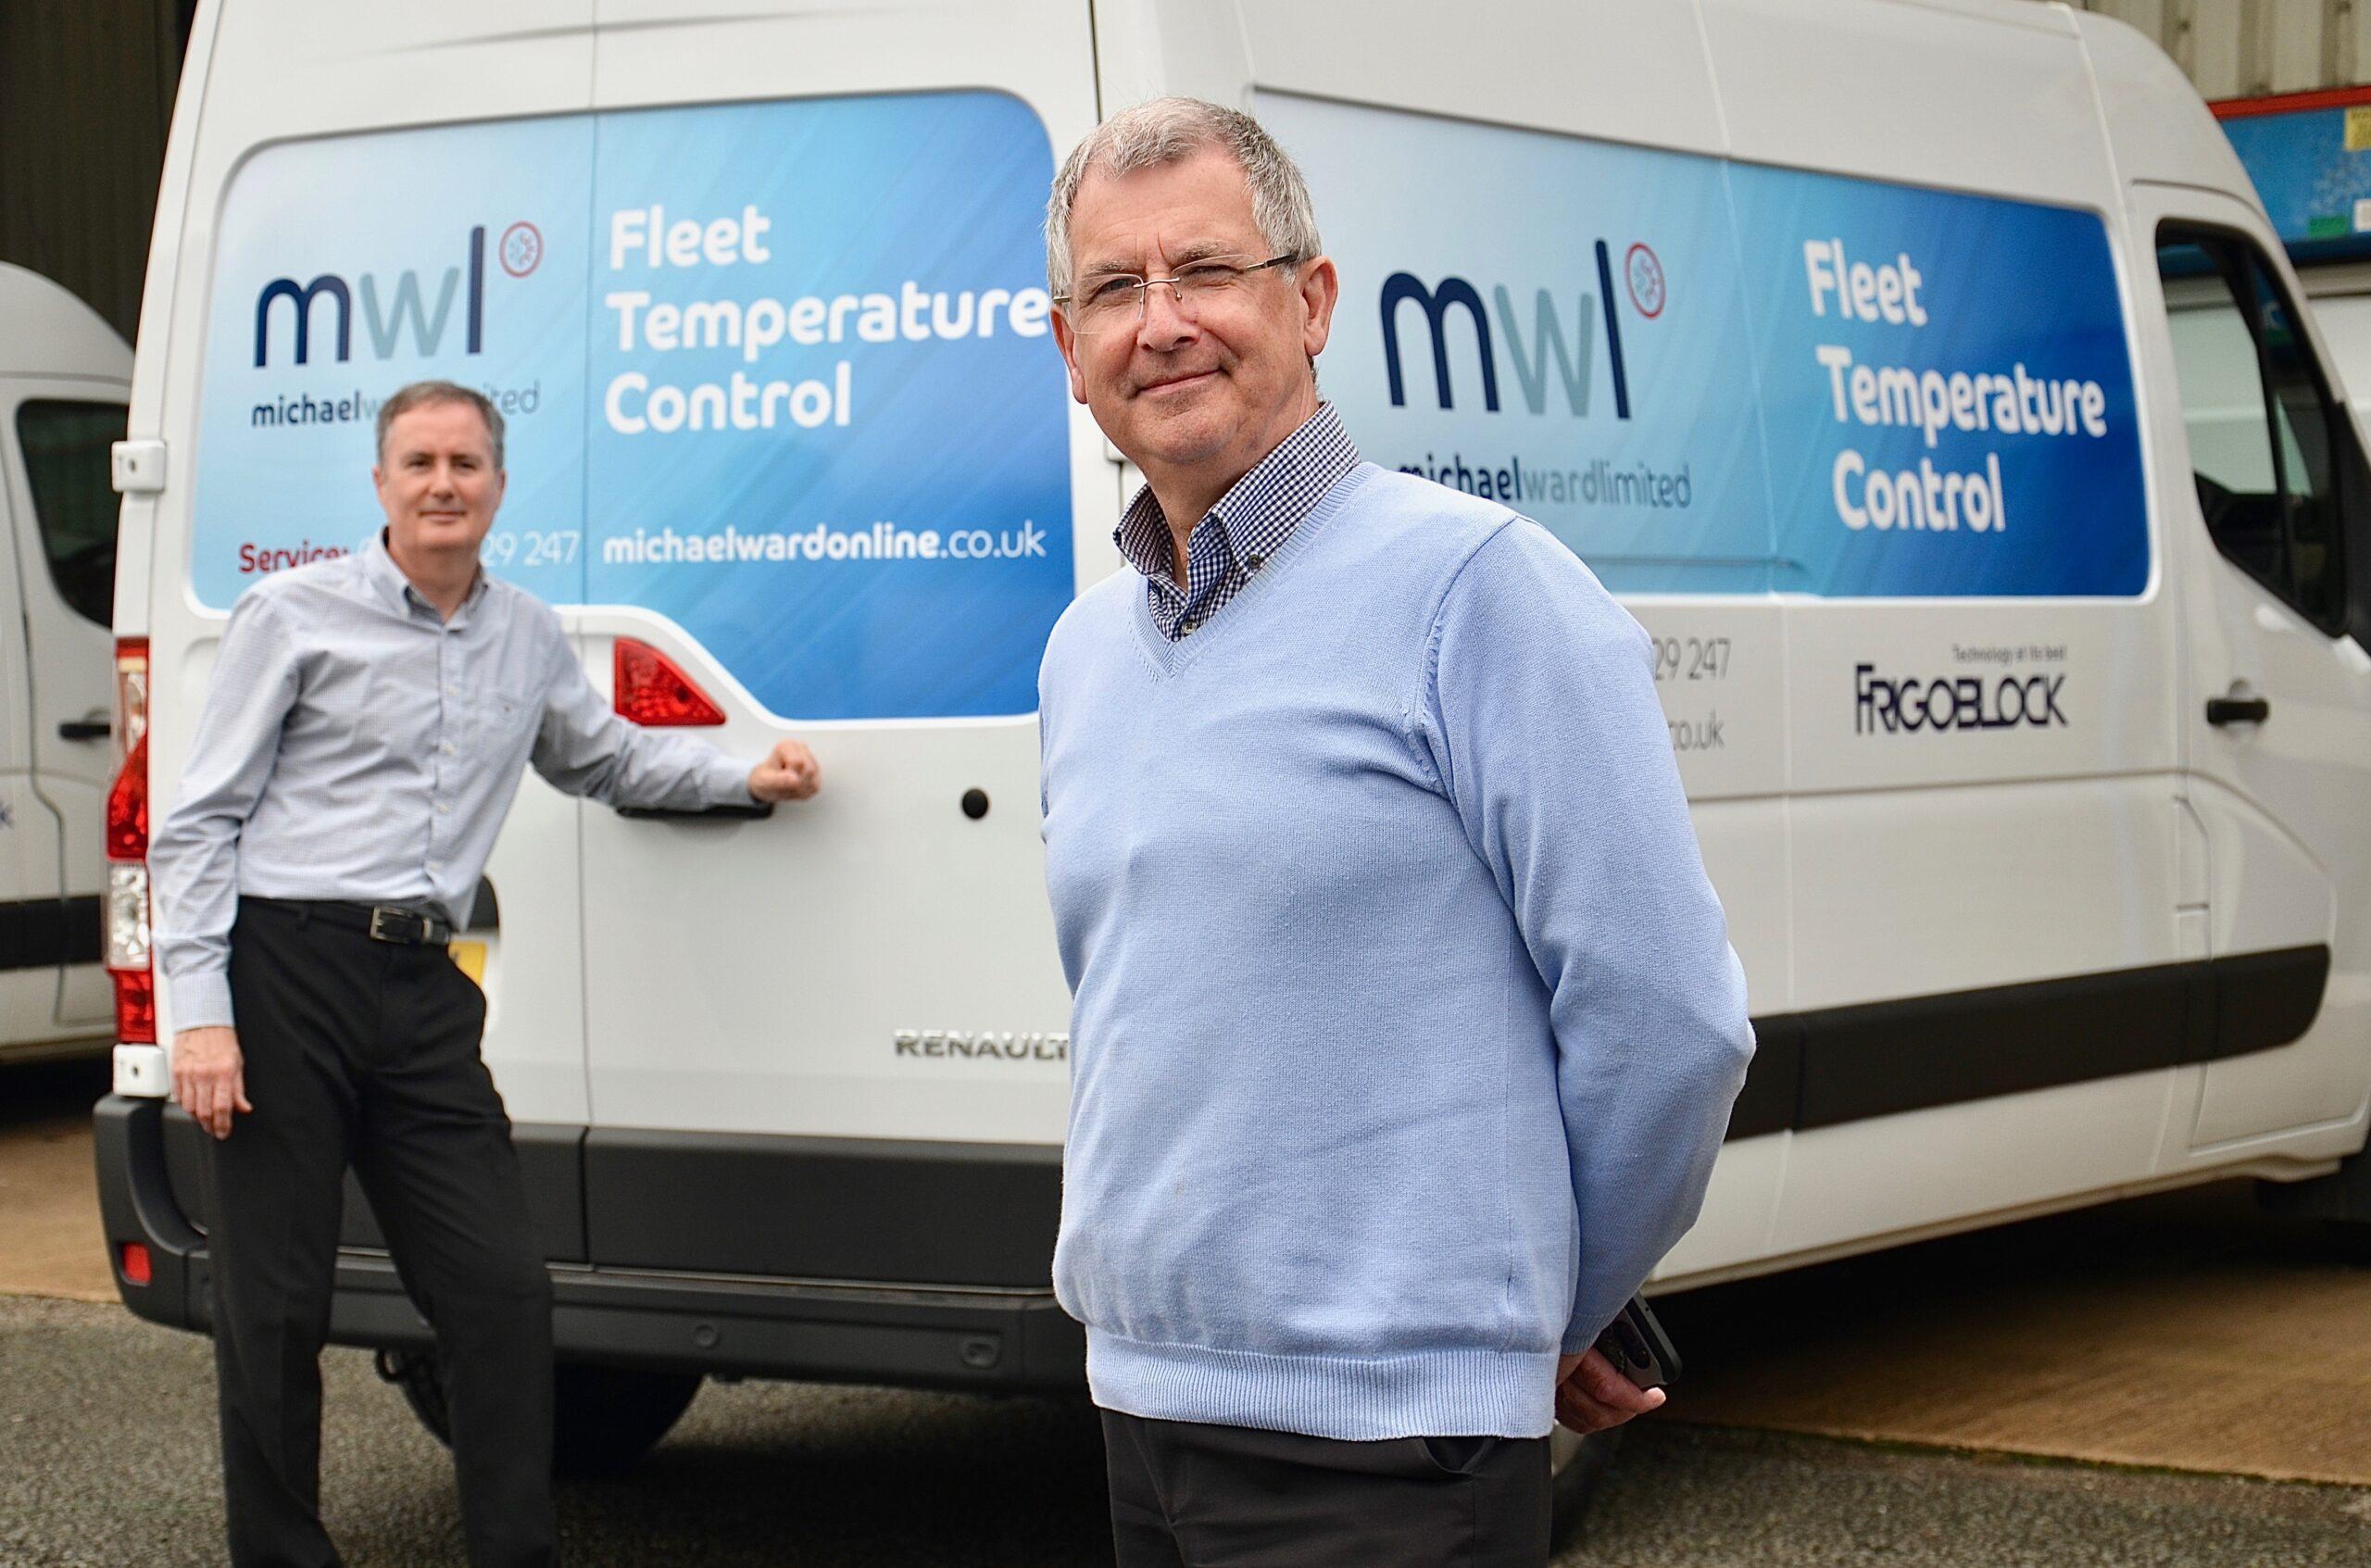 Michael Ward Limited Fleet Temperature Control